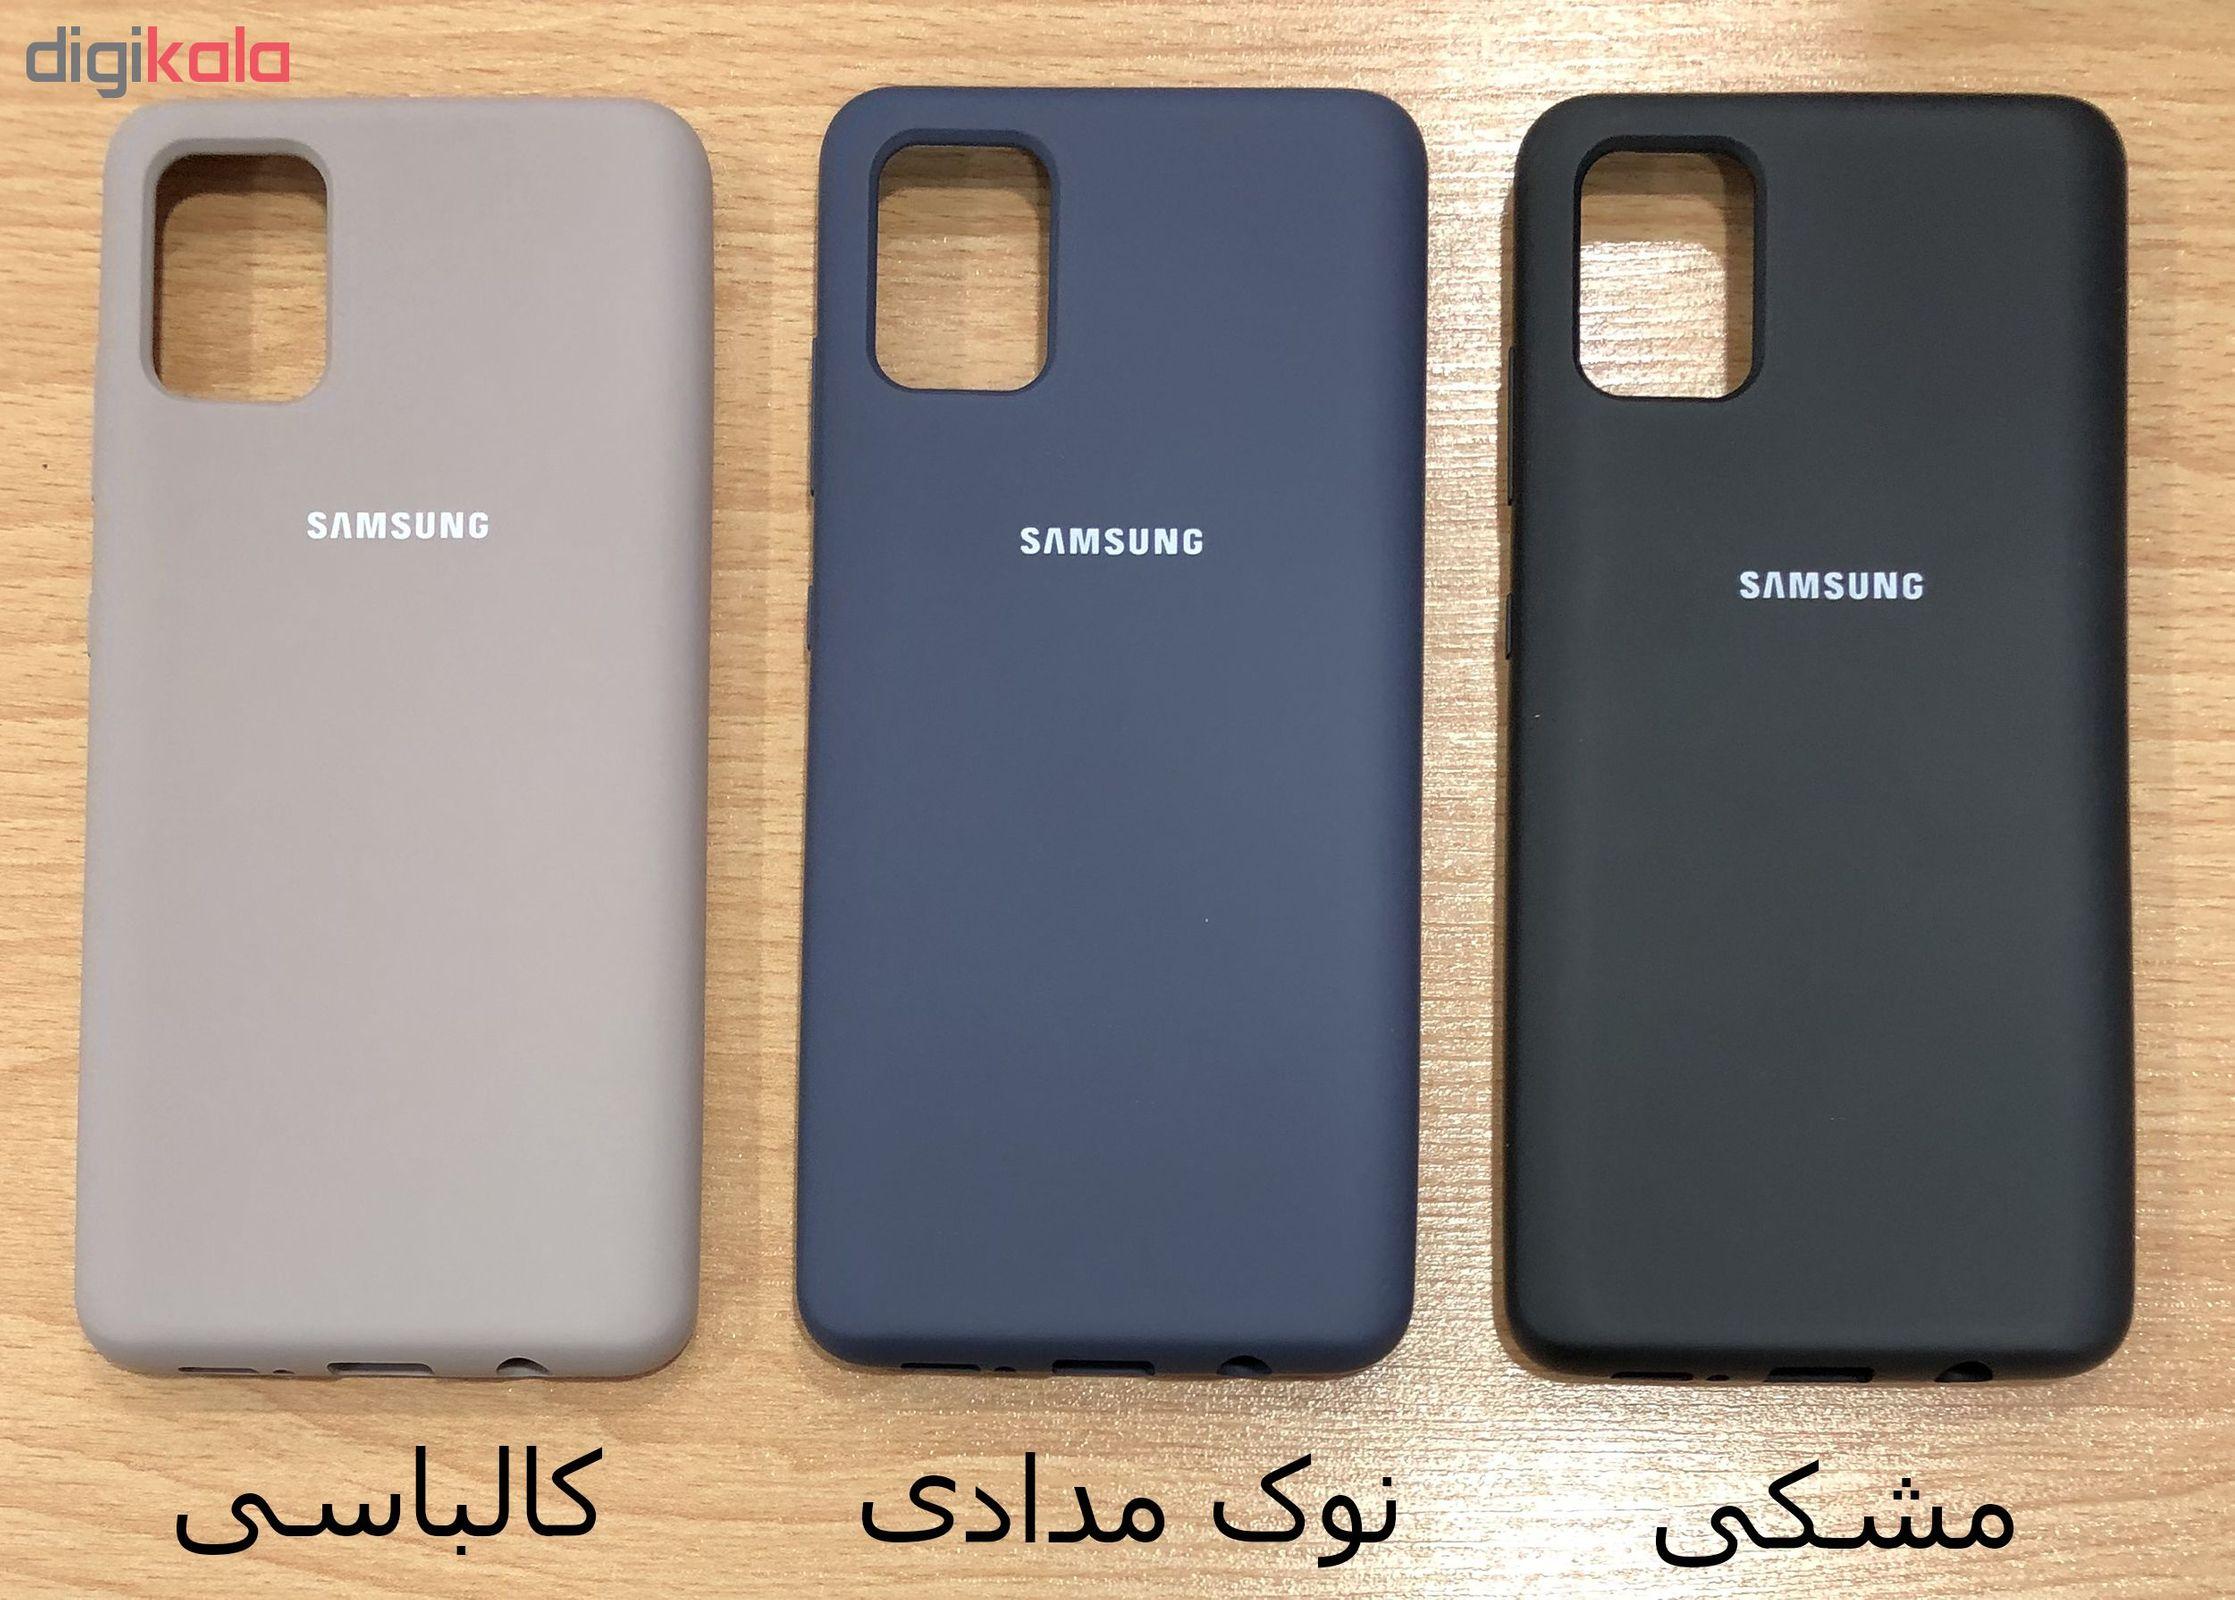 کاور مدل SIL-004 مناسب برای گوشی موبایل سامسونگ Galaxy A71 main 1 4